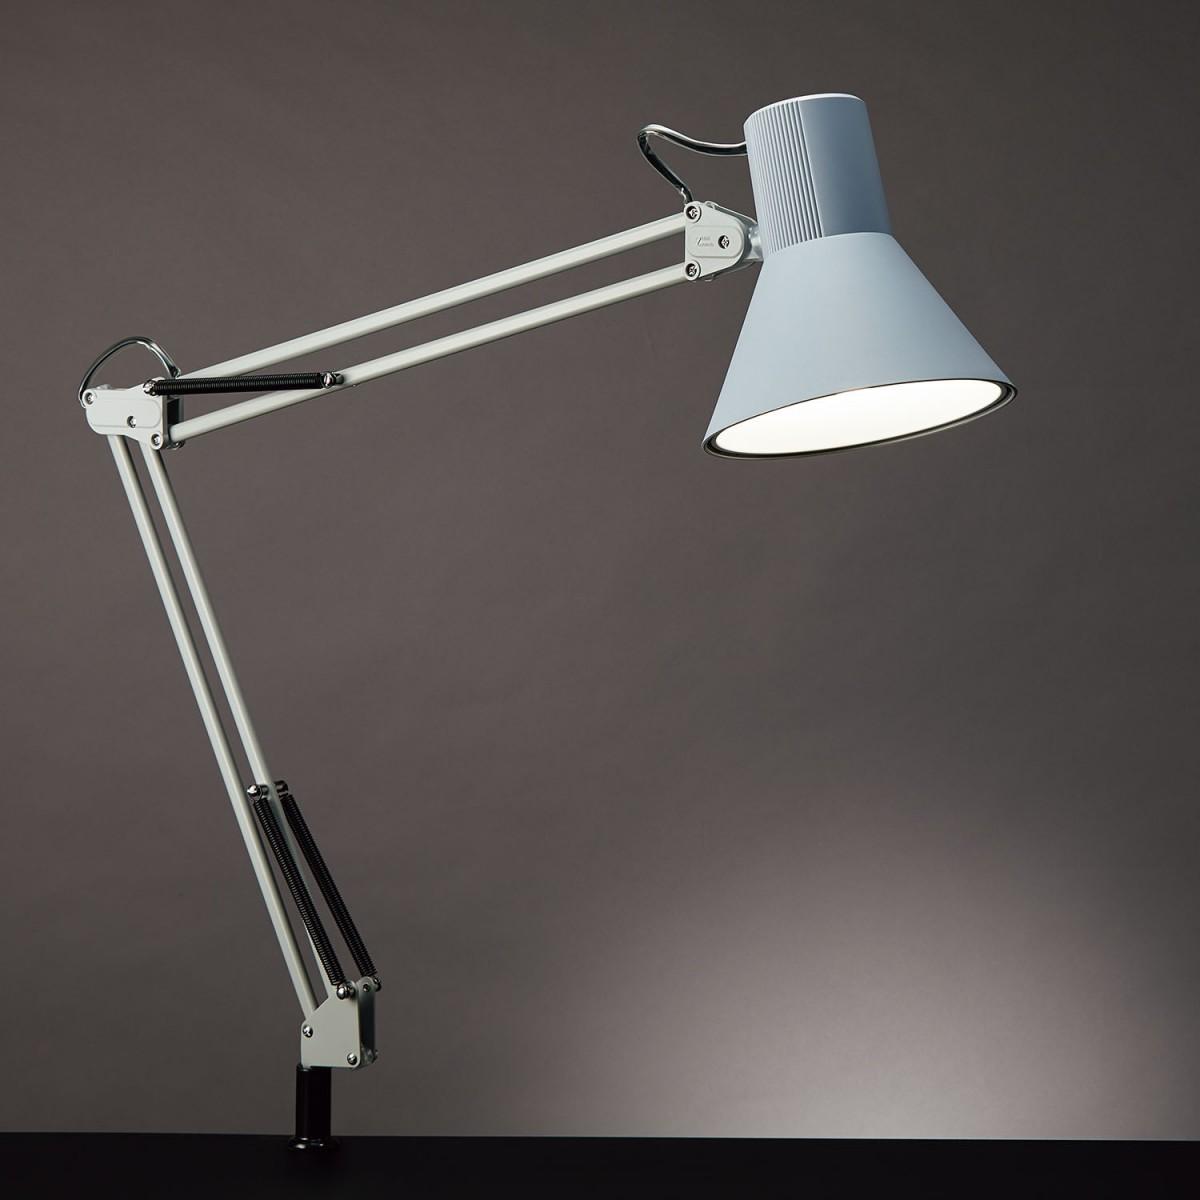 山田照明 信用 LEDデスクライトZ-108NGYグレー5000K昼白色コード長さ:1.9m セード部シーソースイッチクランプタイプ白熱60W相当Zライト Z-Light ゼットライト 春の新作 Z108NGY